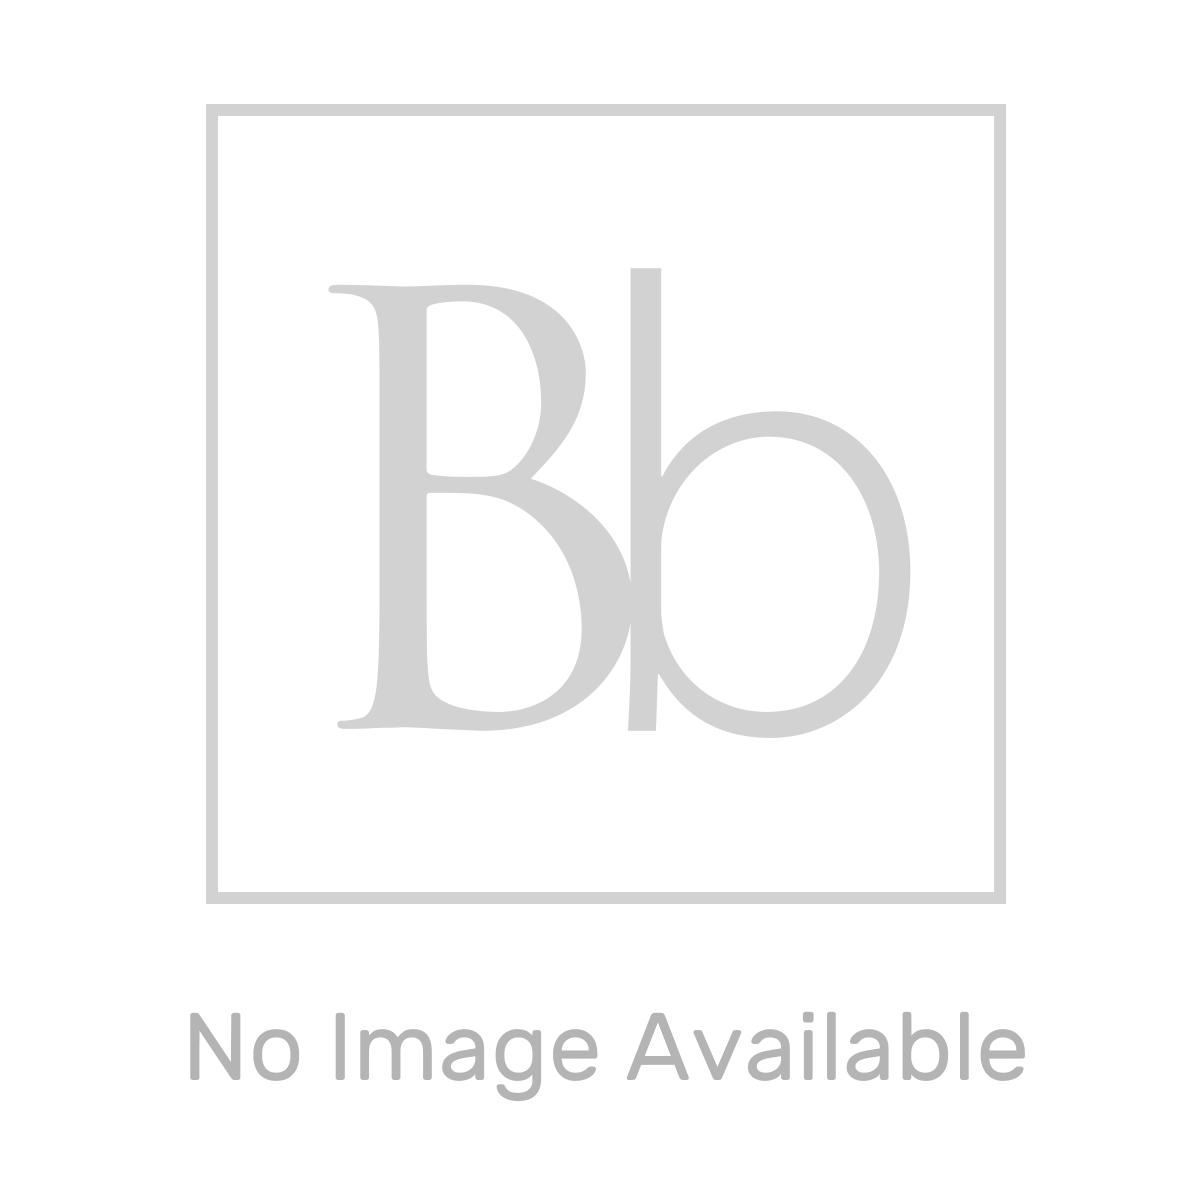 Aquadart Venturi 6 Pivot Shower Door with Optional Side Panel and Inline Panel